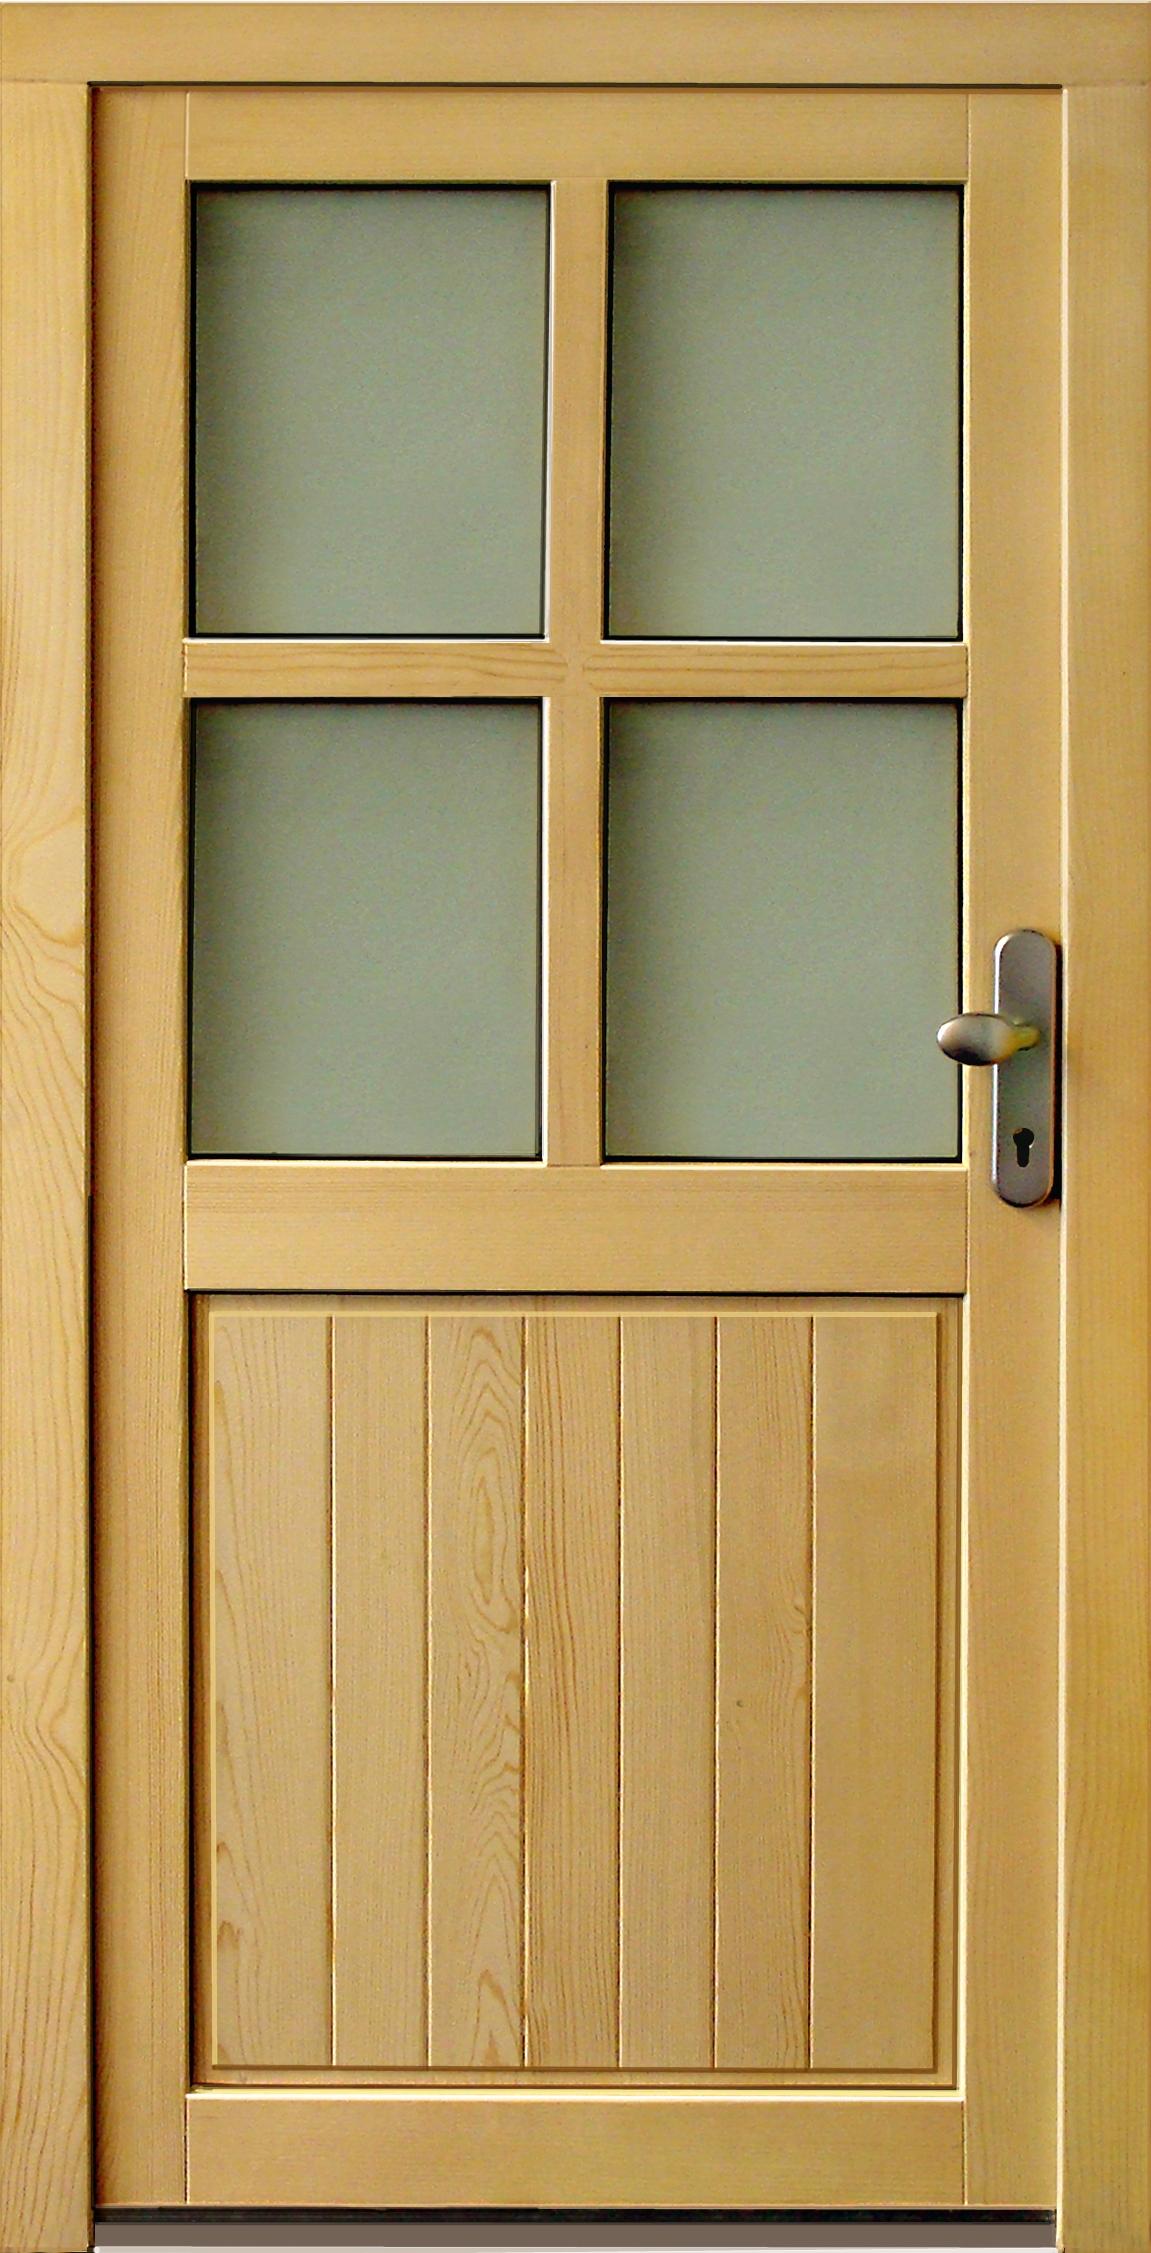 HolzNebeneingangstür NET502  Standardmaß  DIN rechts m 5Pkt